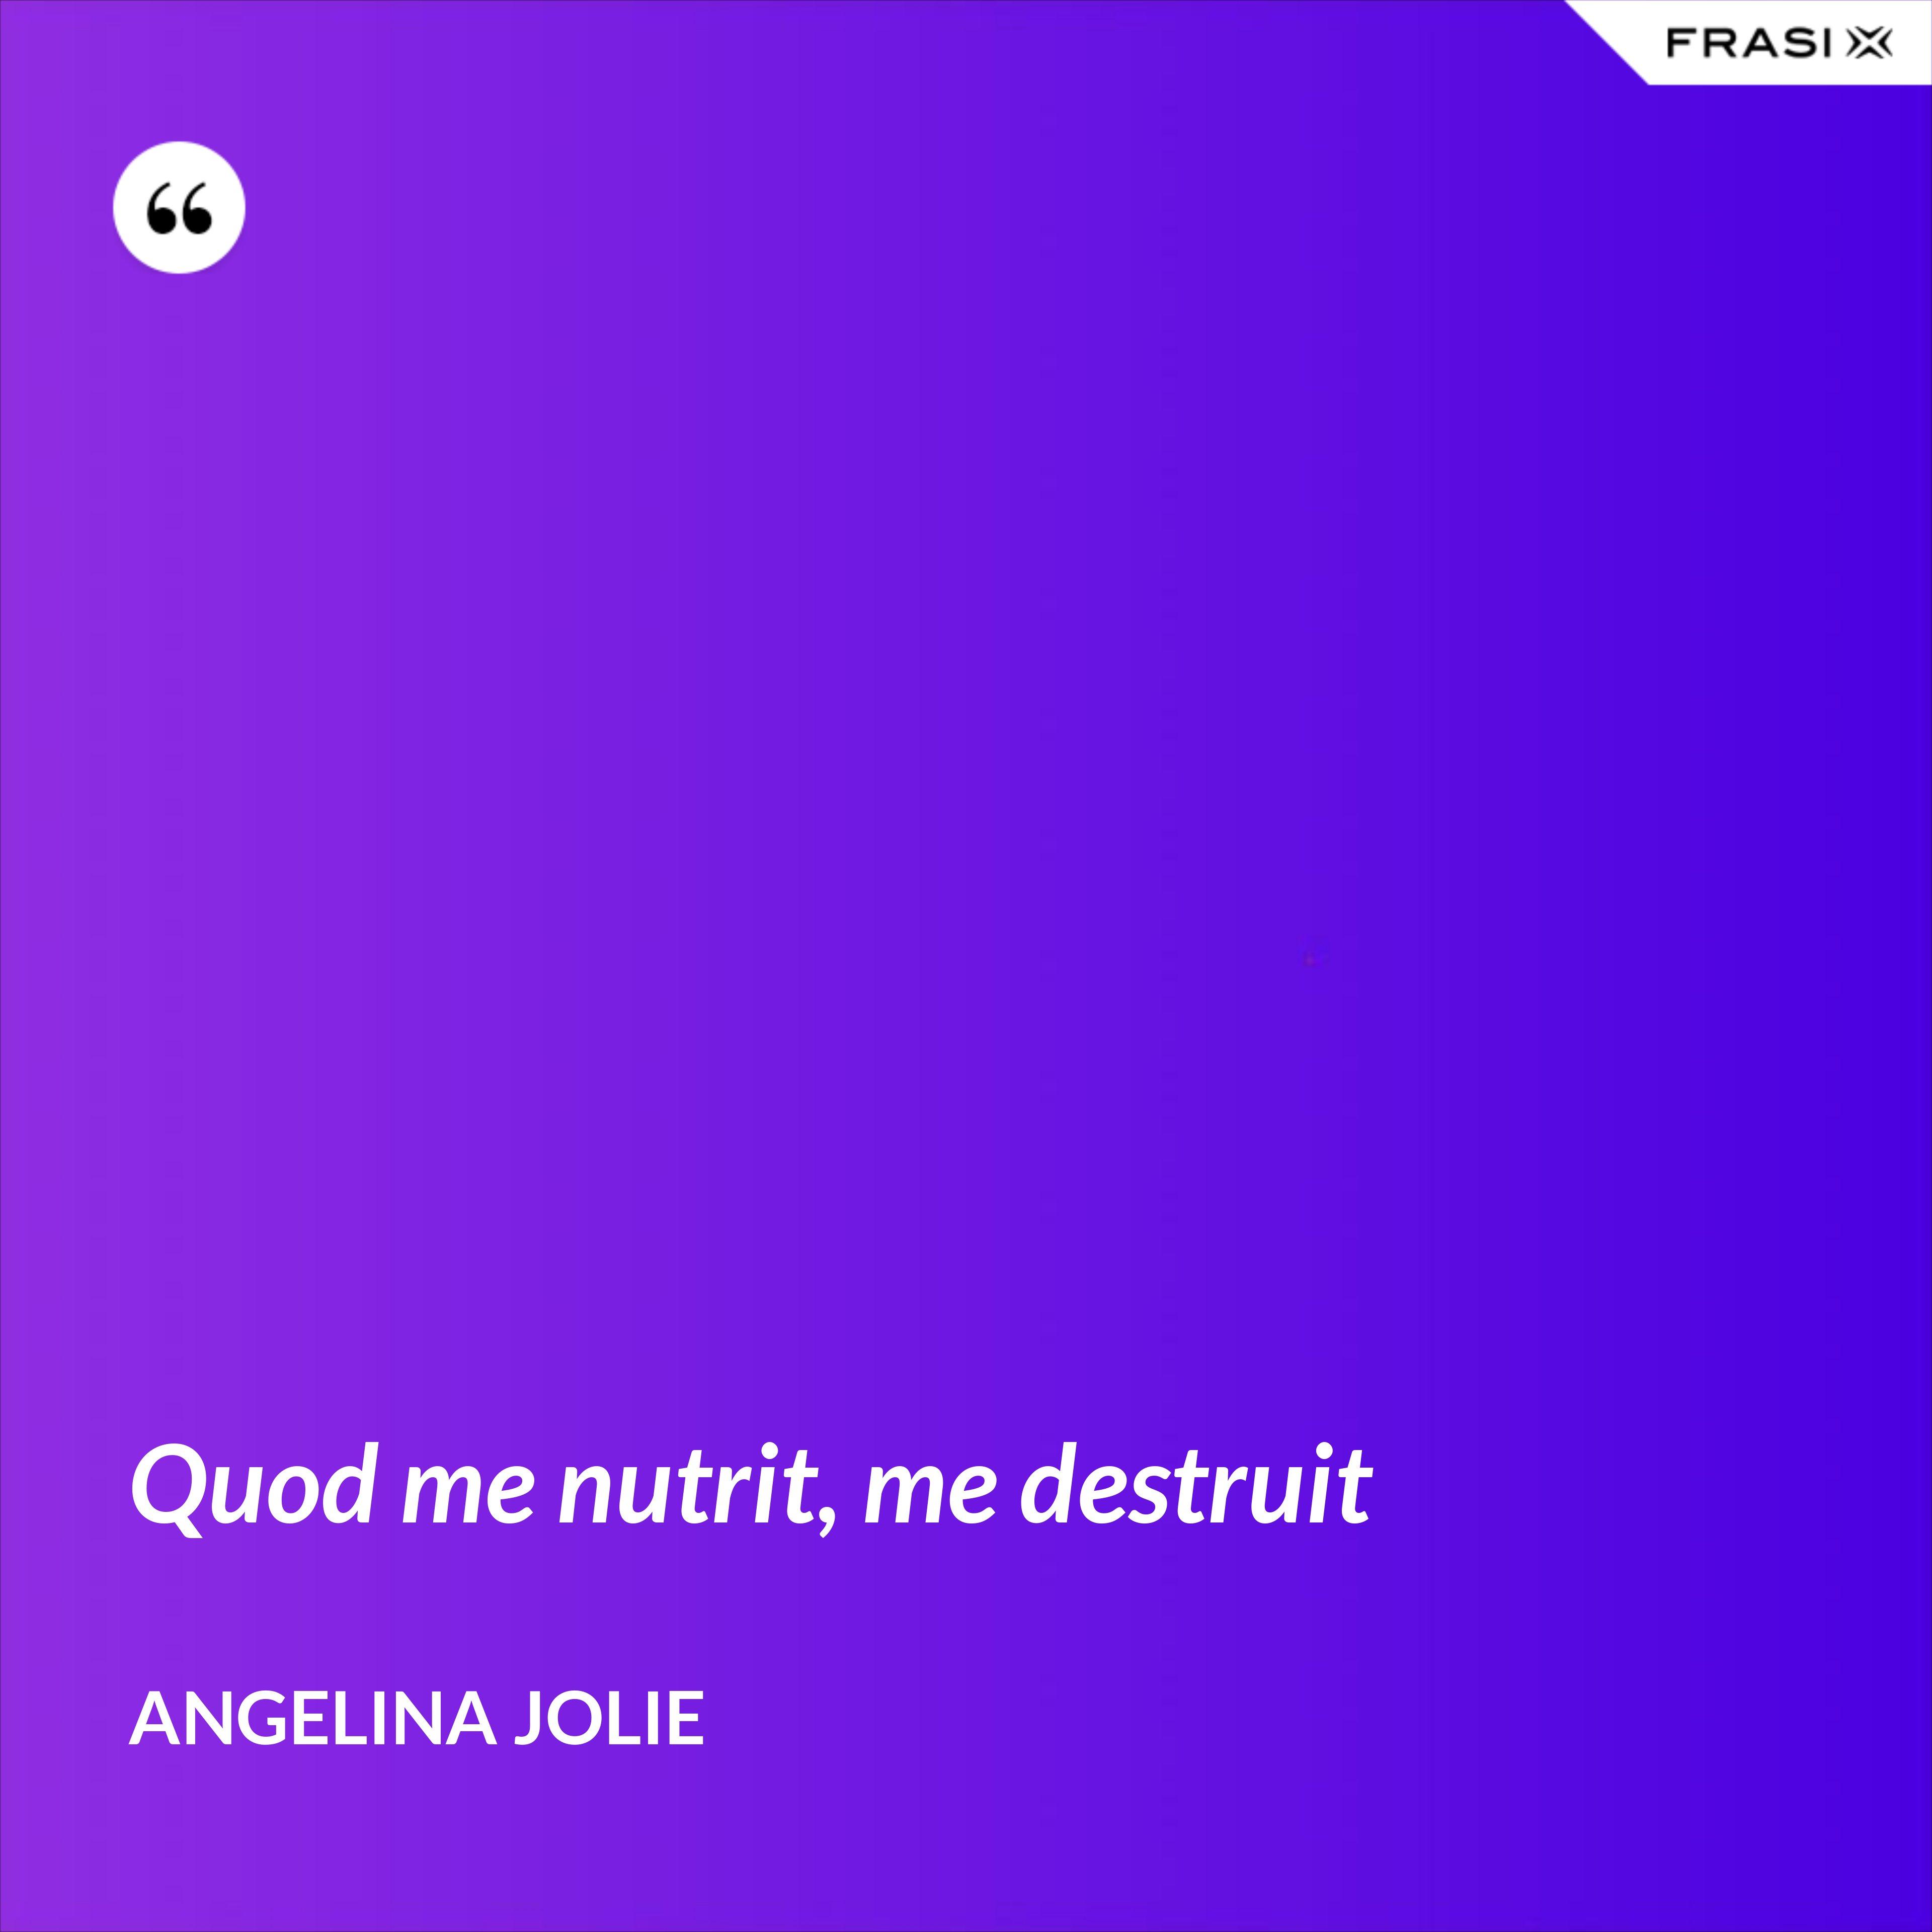 Quod me nutrit, me destruit - Angelina Jolie